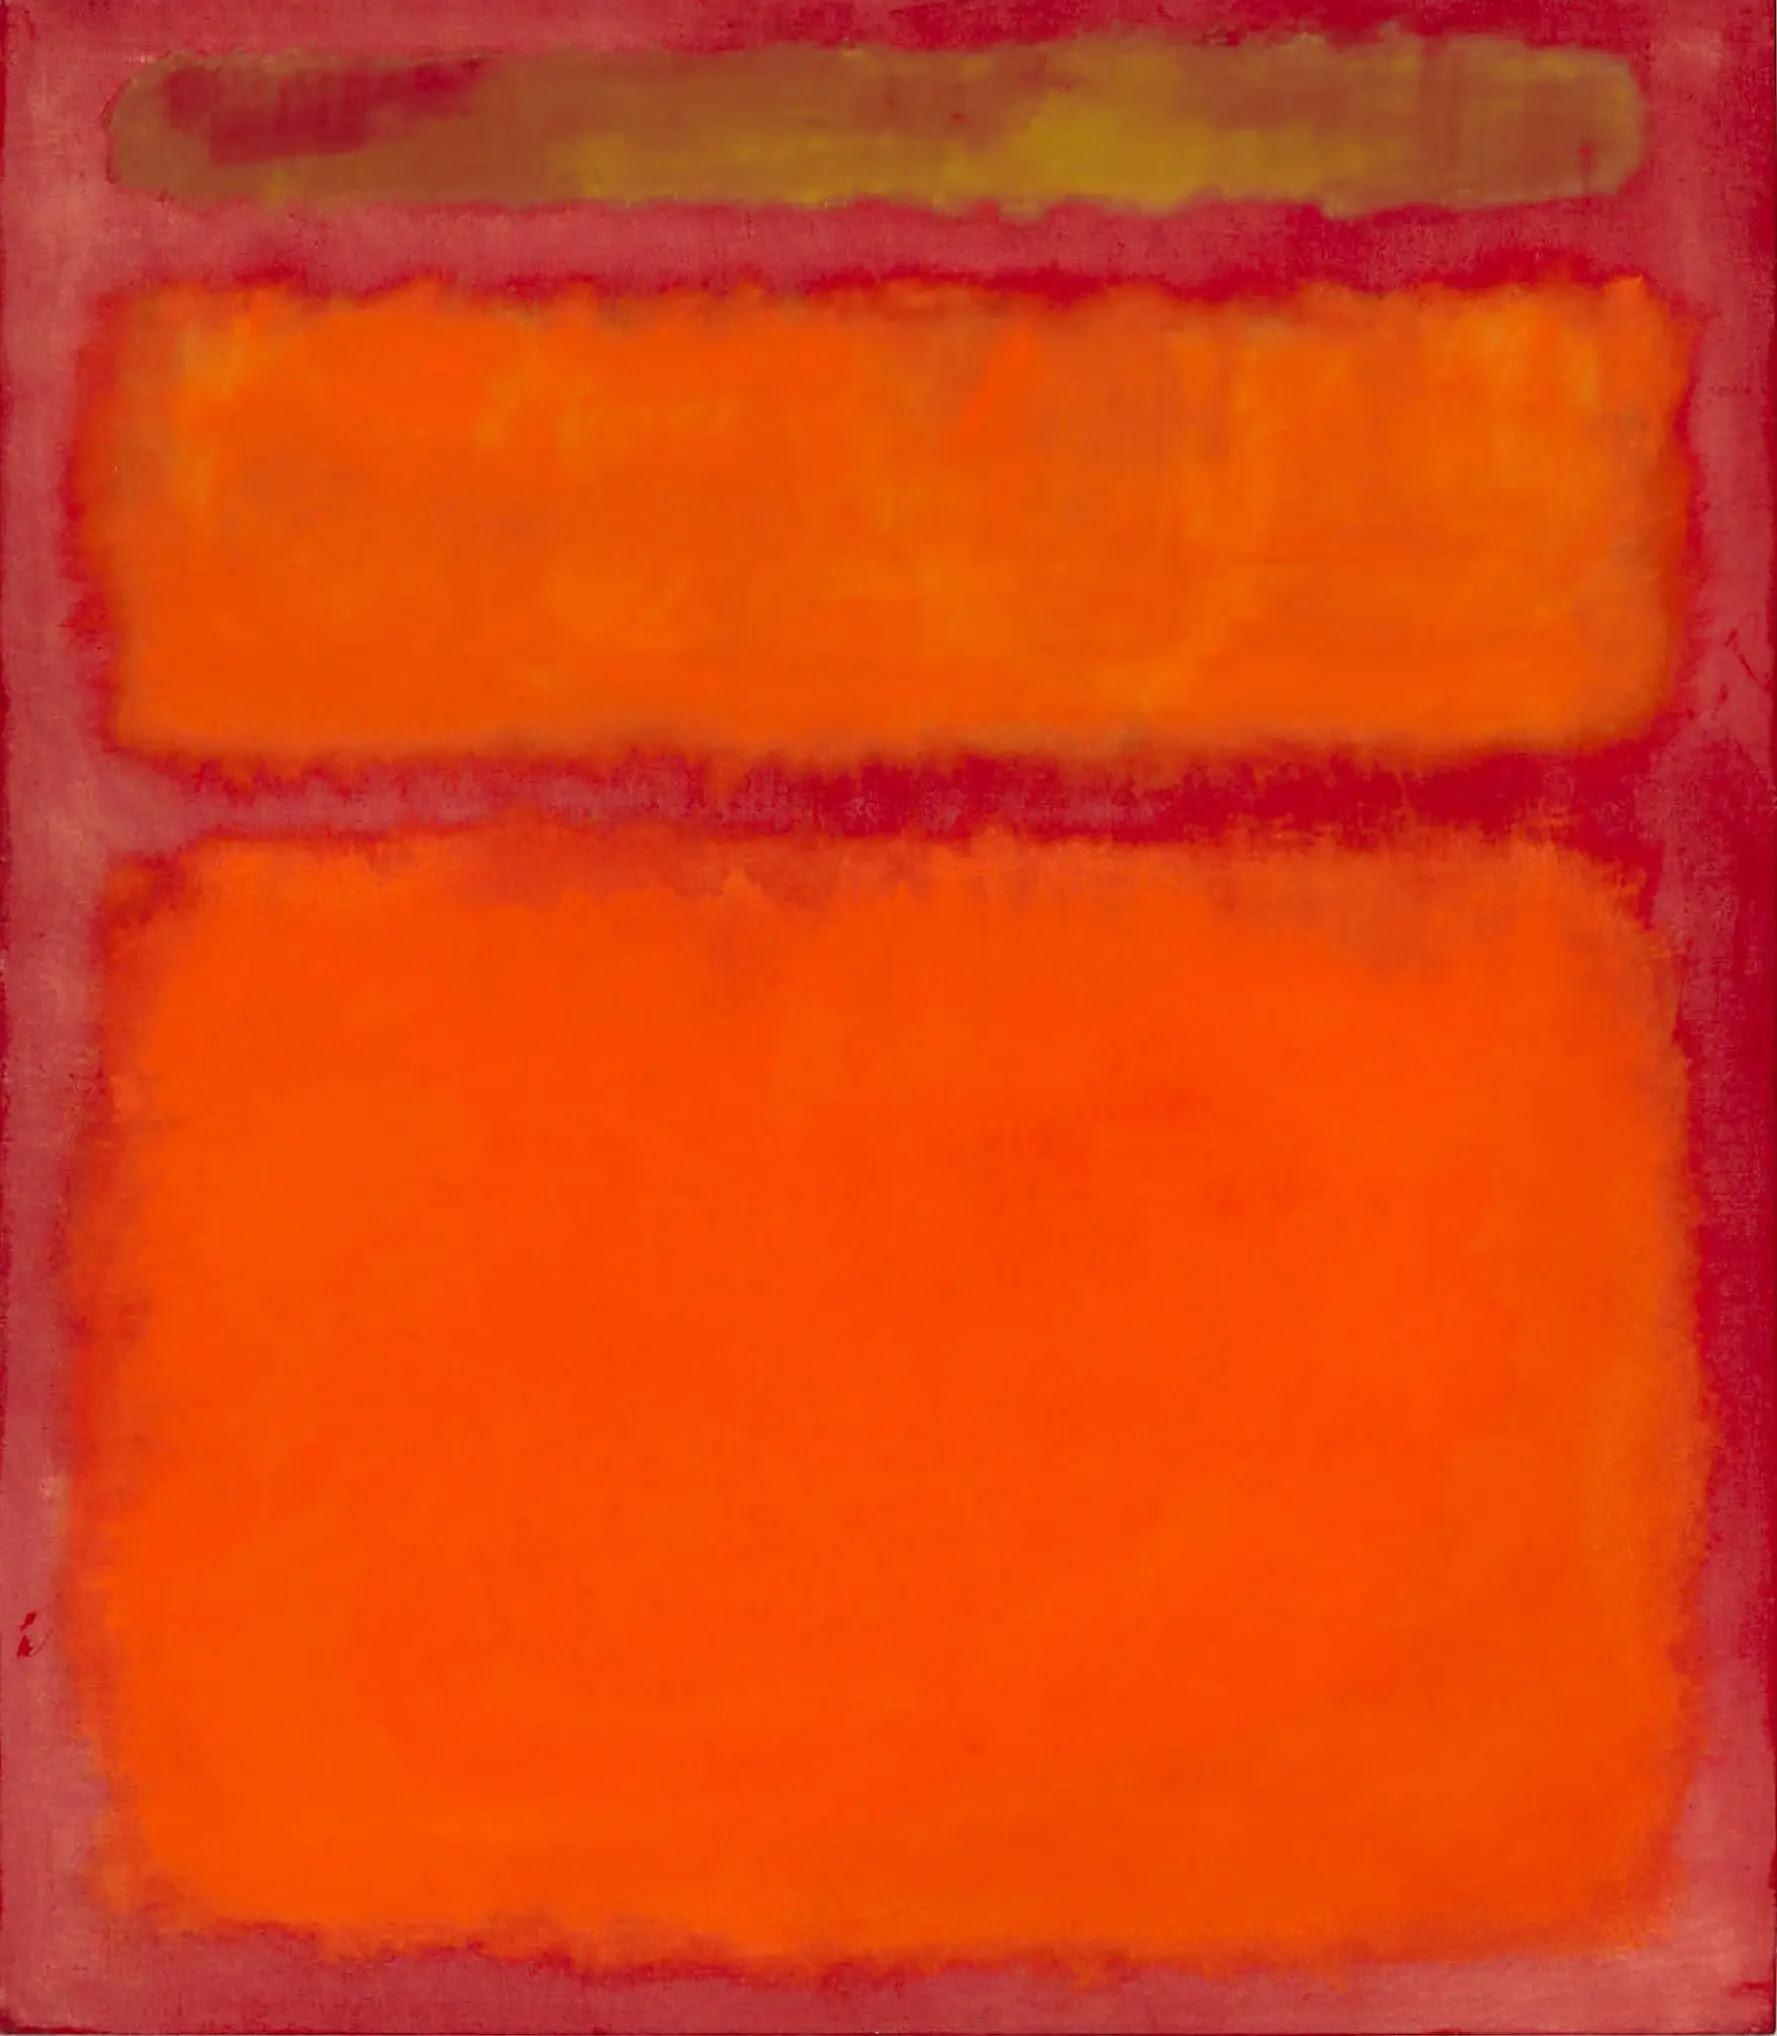 Mark Rothko's 'Orange, Red, Yellow ile ilgili görsel sonucu